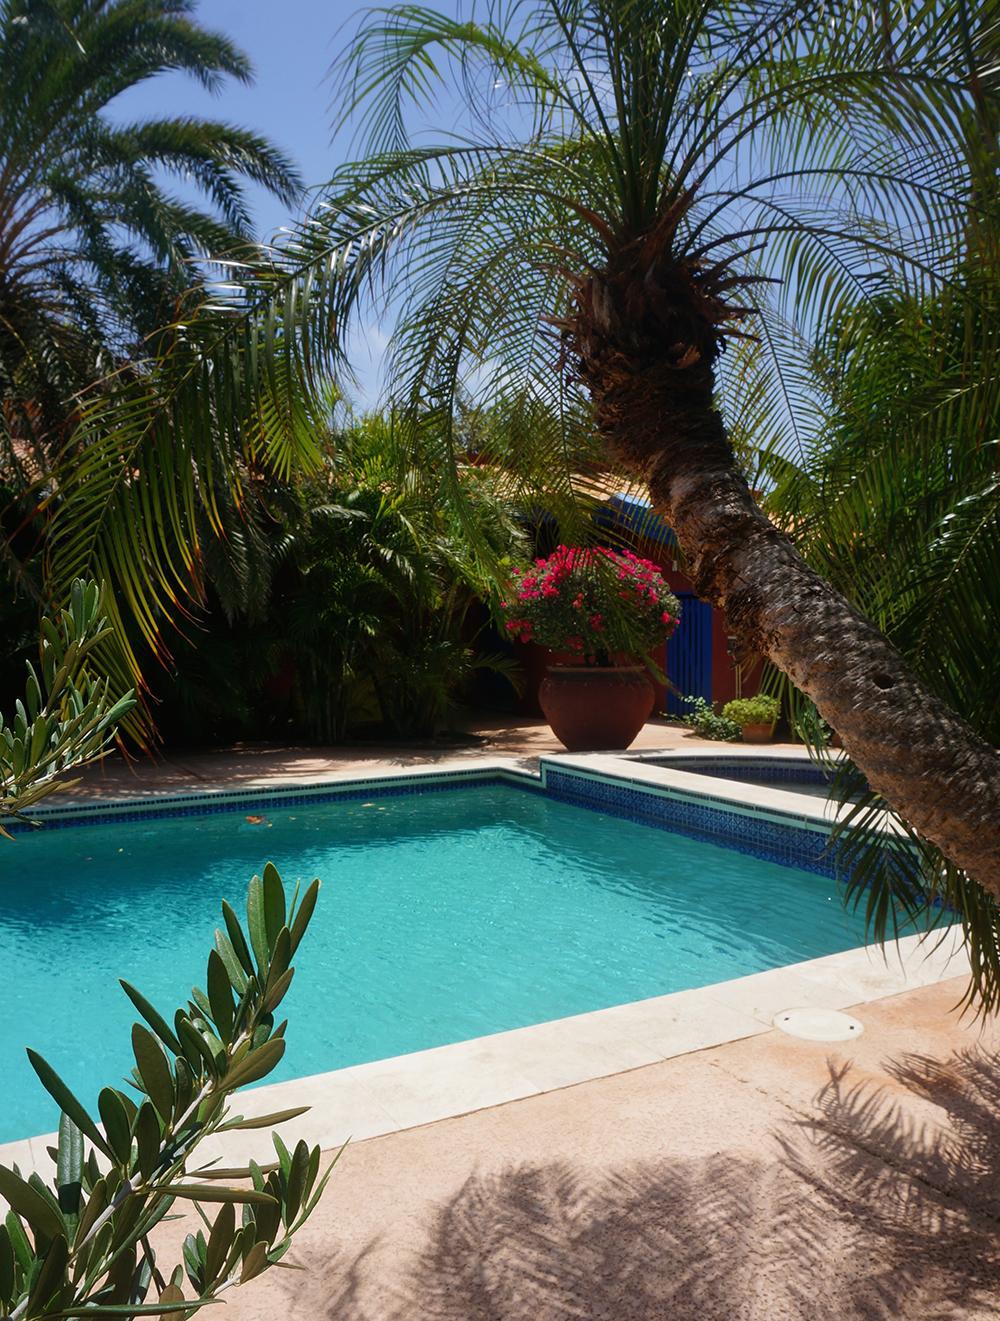 Our gorgeous airbnb rental property / Nuestra casa para la semana, cortesía de airbnb